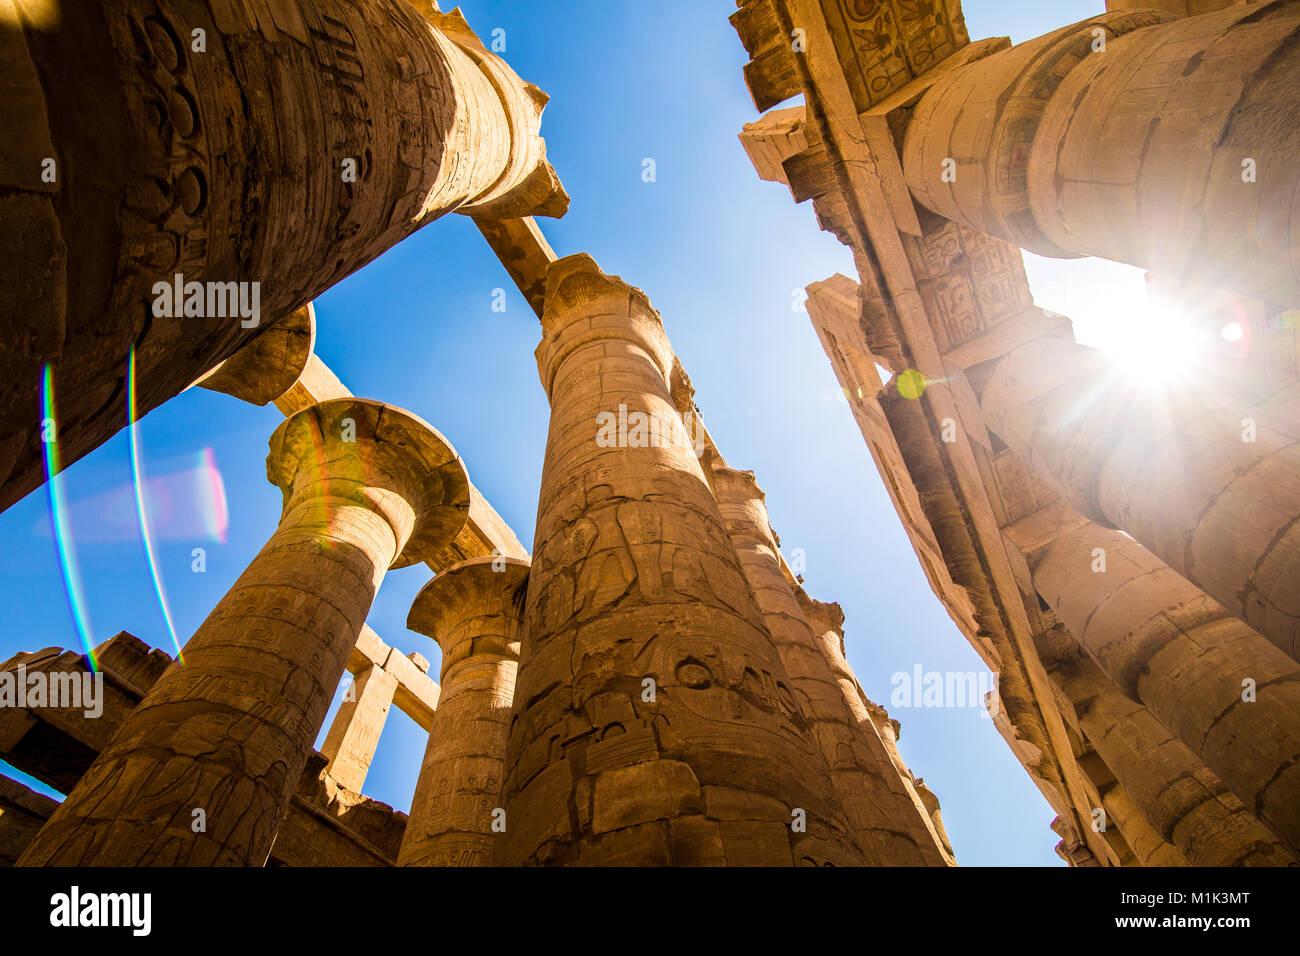 Le temple de Karnak à Louxor Egypte Janvier 2018 Banque D'Images